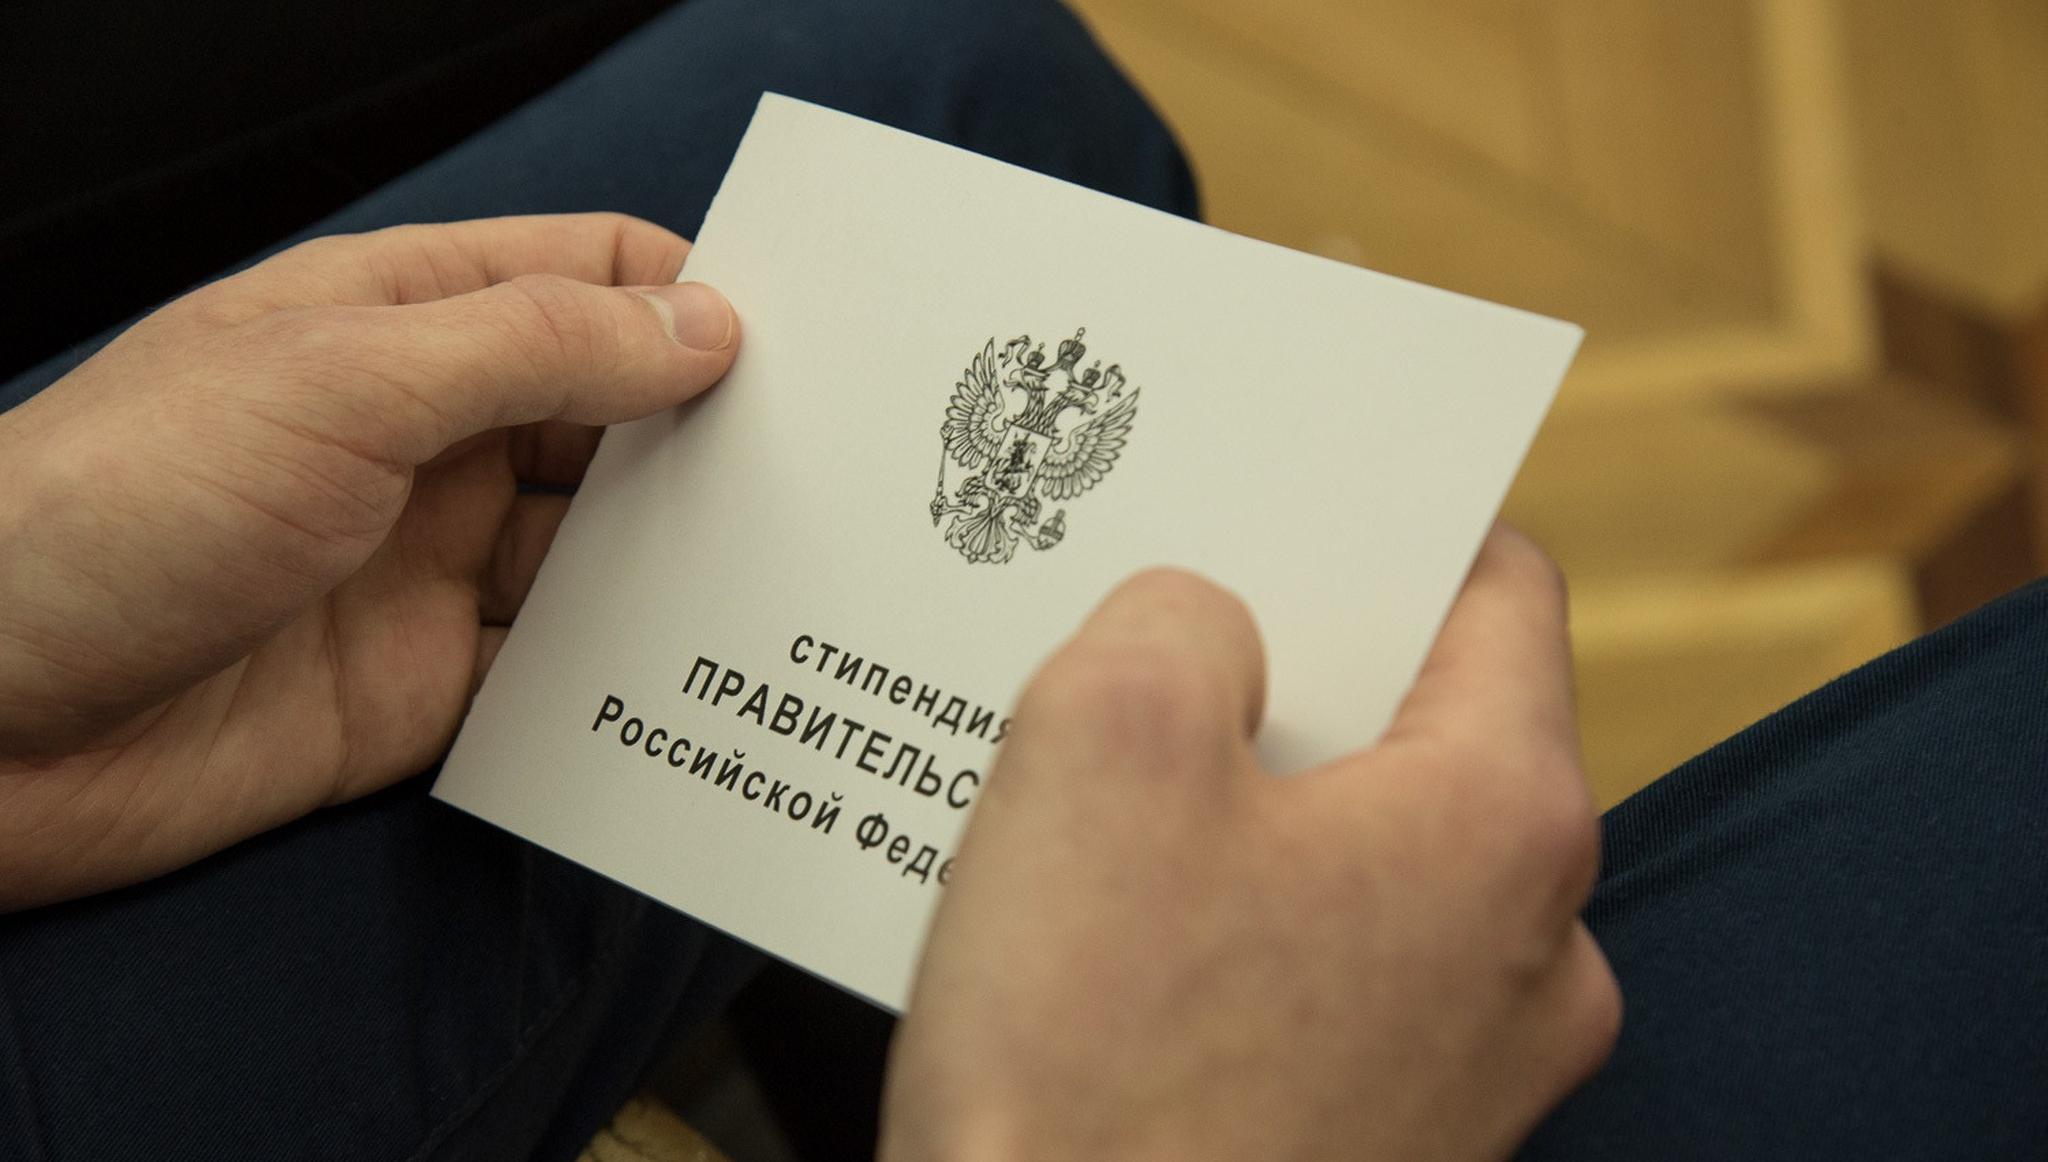 Учащиеся ТвГТУ стали стипендиатами Правительства России - новости Афанасий